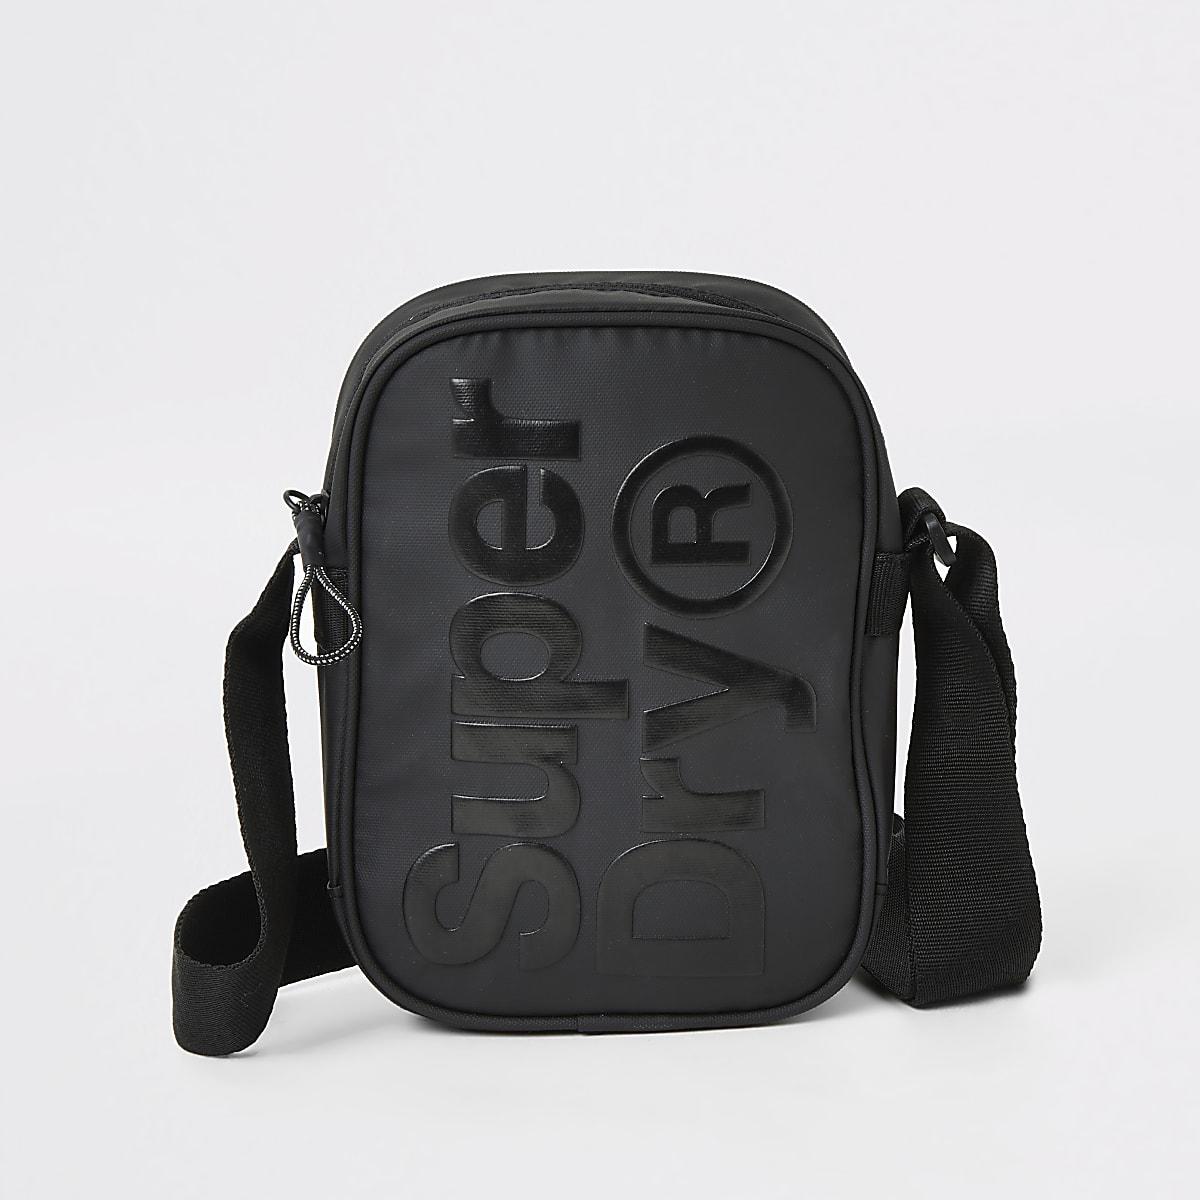 Superdry- Zwarte schoudertas met reliëf